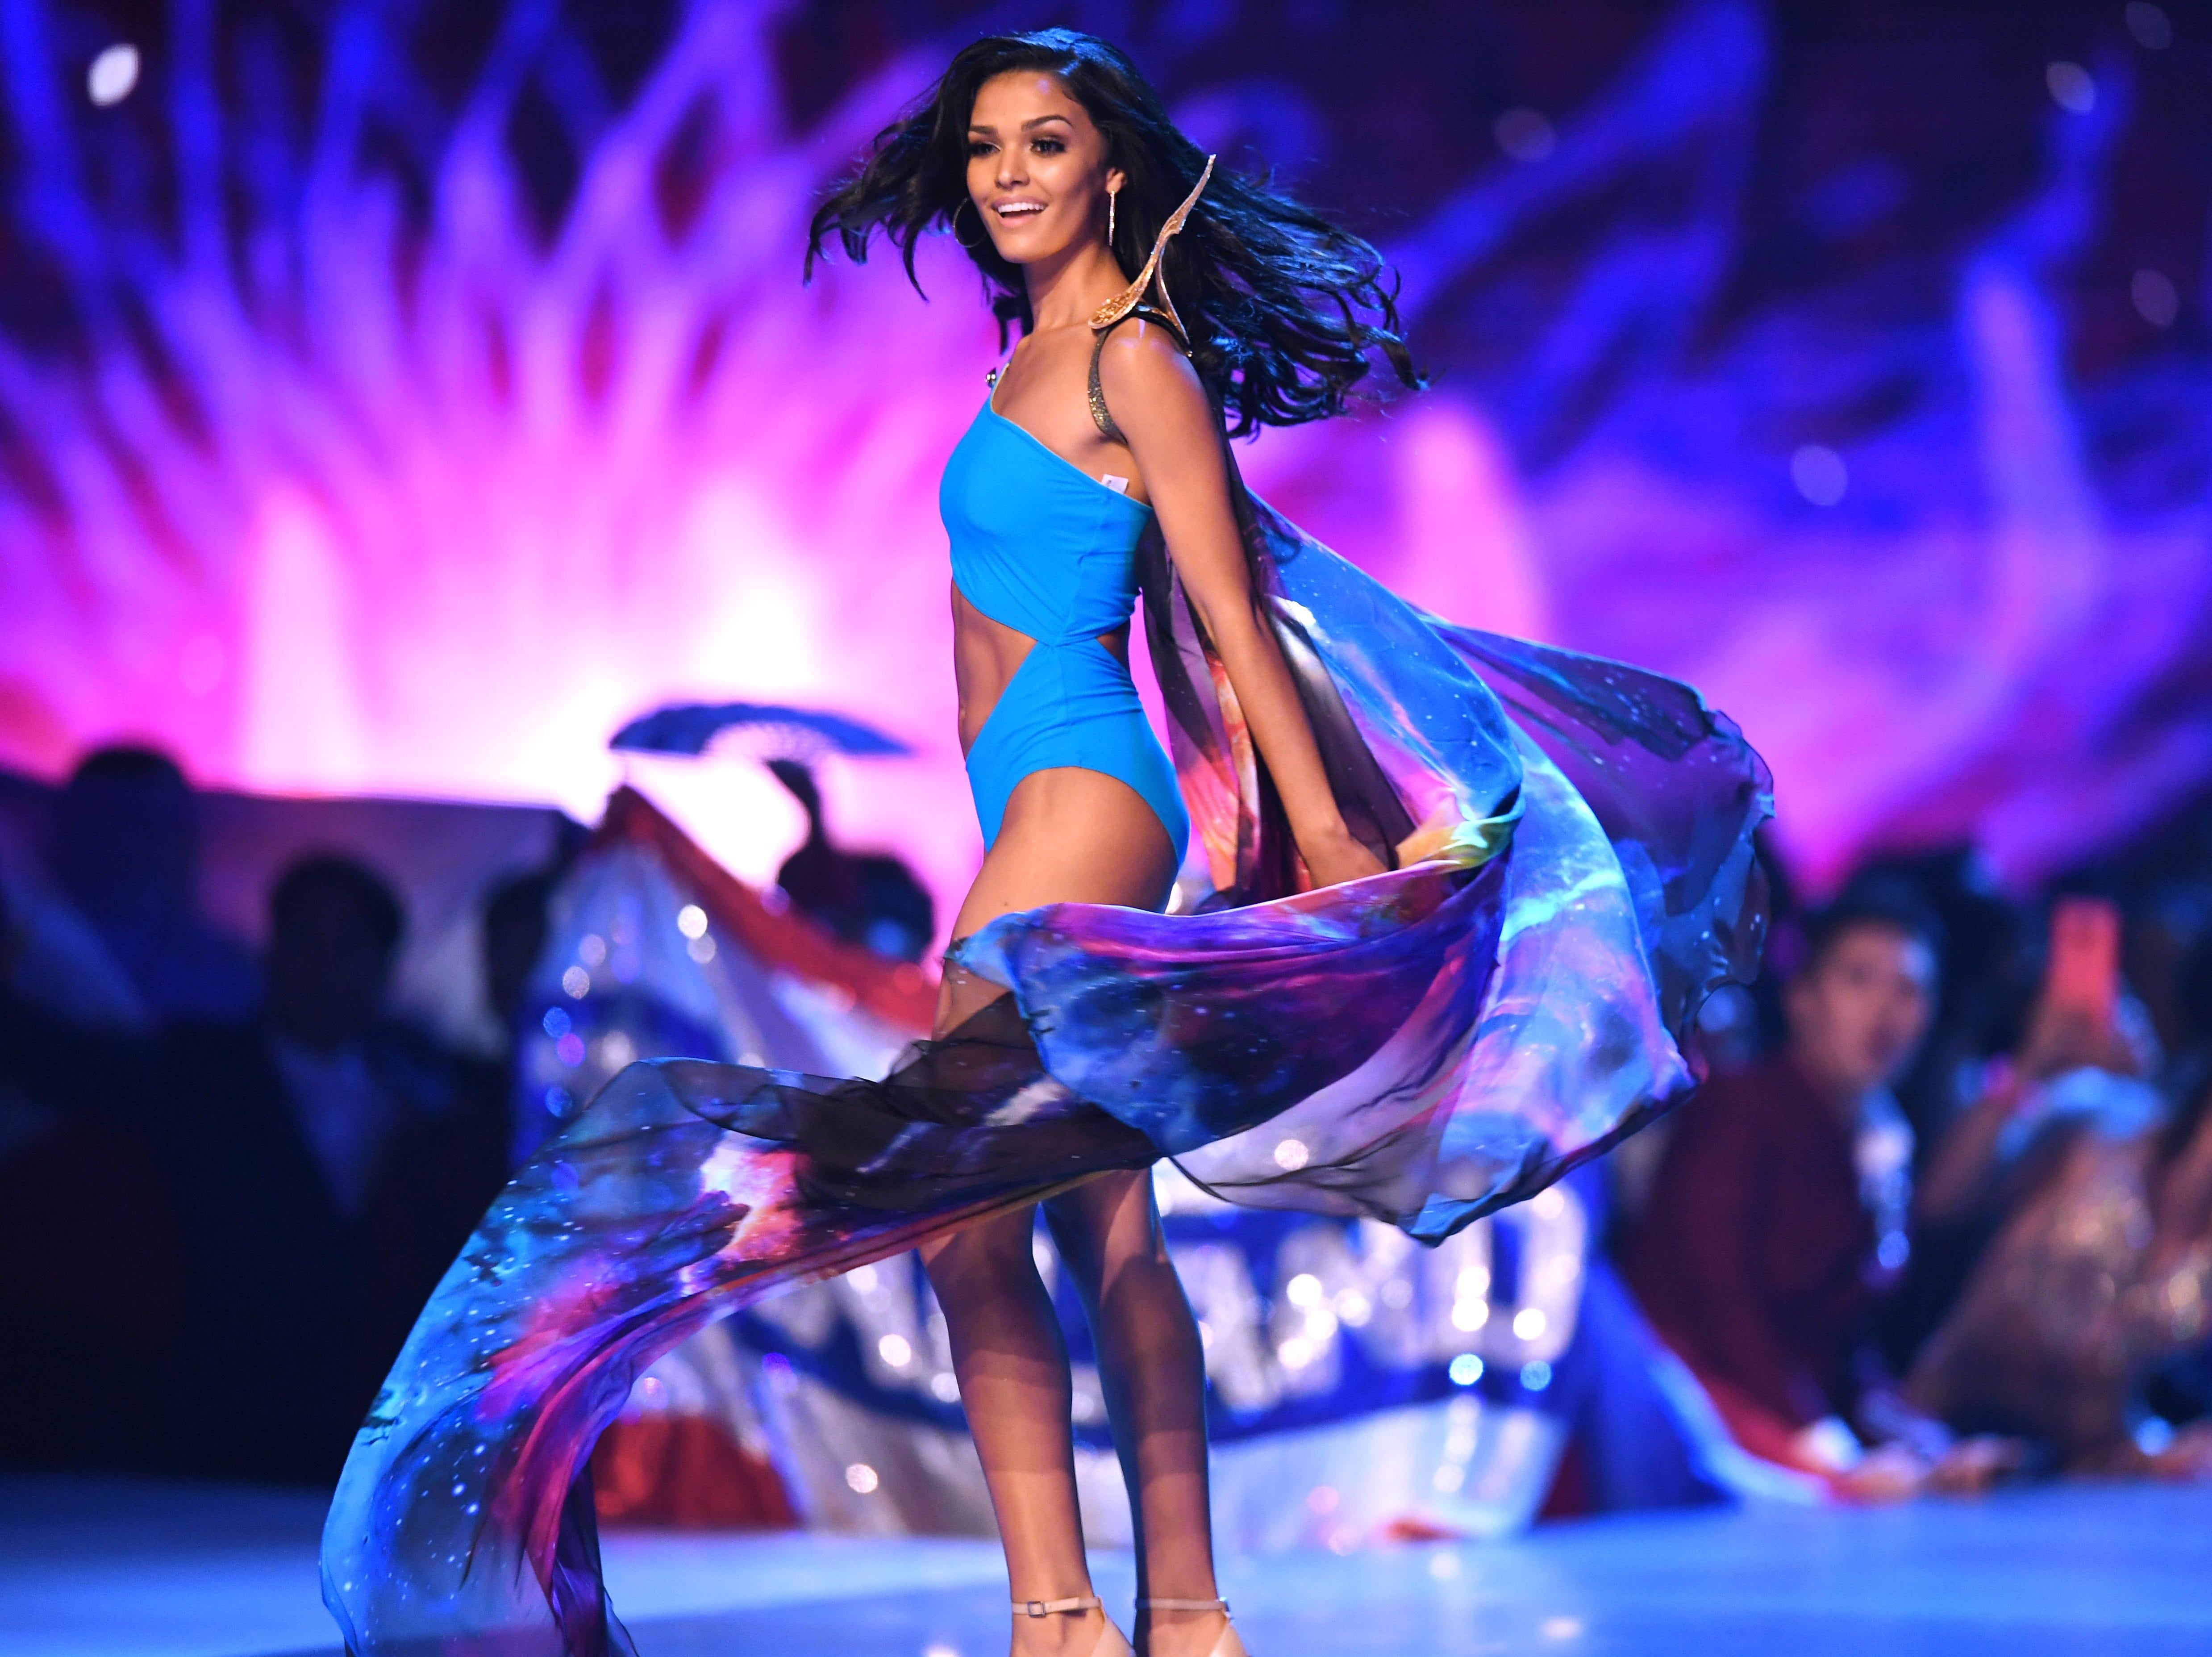 Kiara Ortega, de Puerto Rico, en el desfile de traje de baño del concurso Miss Universo de 2018 en Bangkok el 17 de diciembre de 2018.